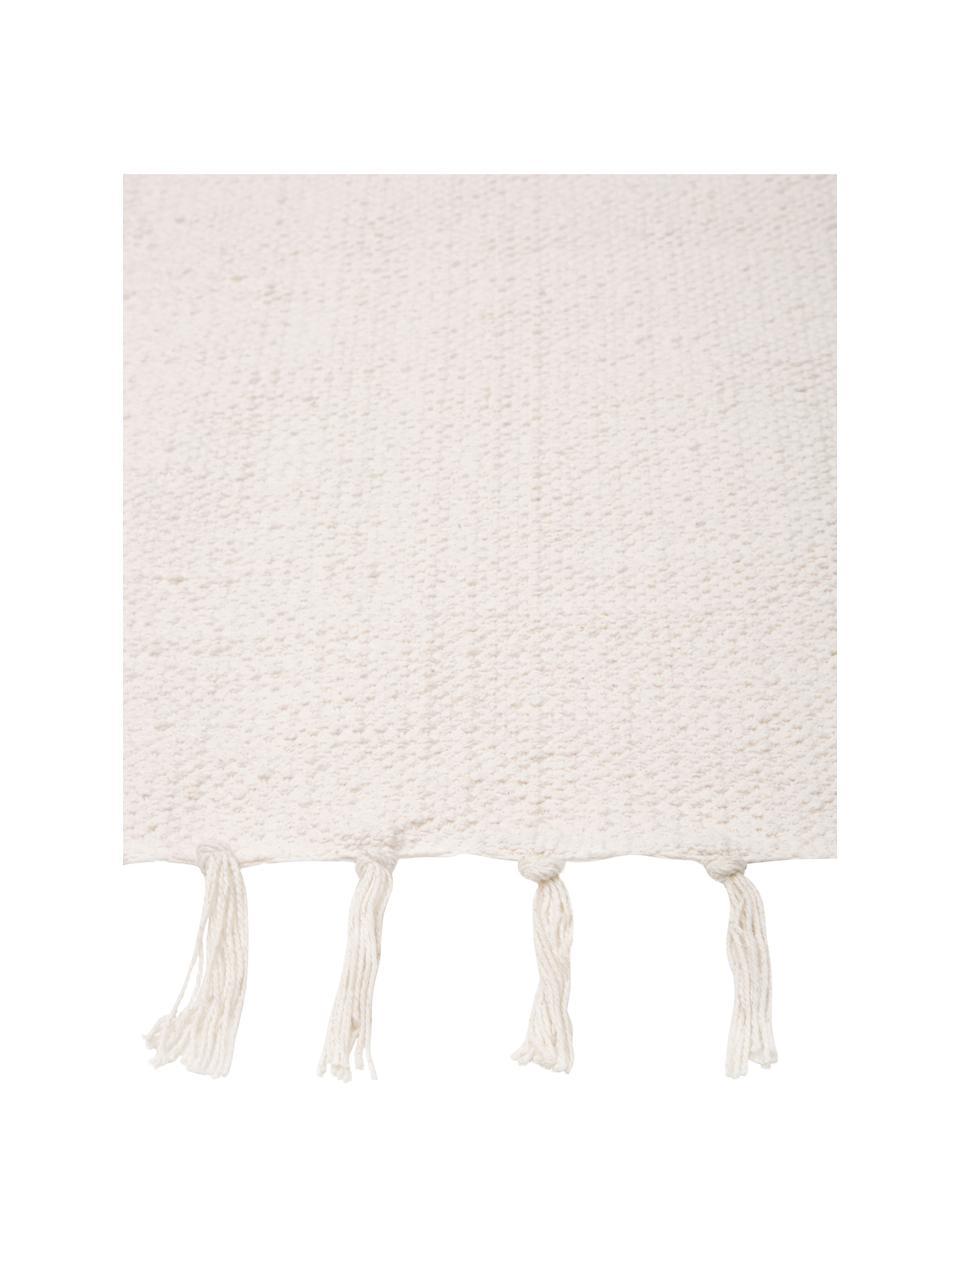 Tenký bavlněný koberec Agneta, ručně tkaný, Krémově bílá